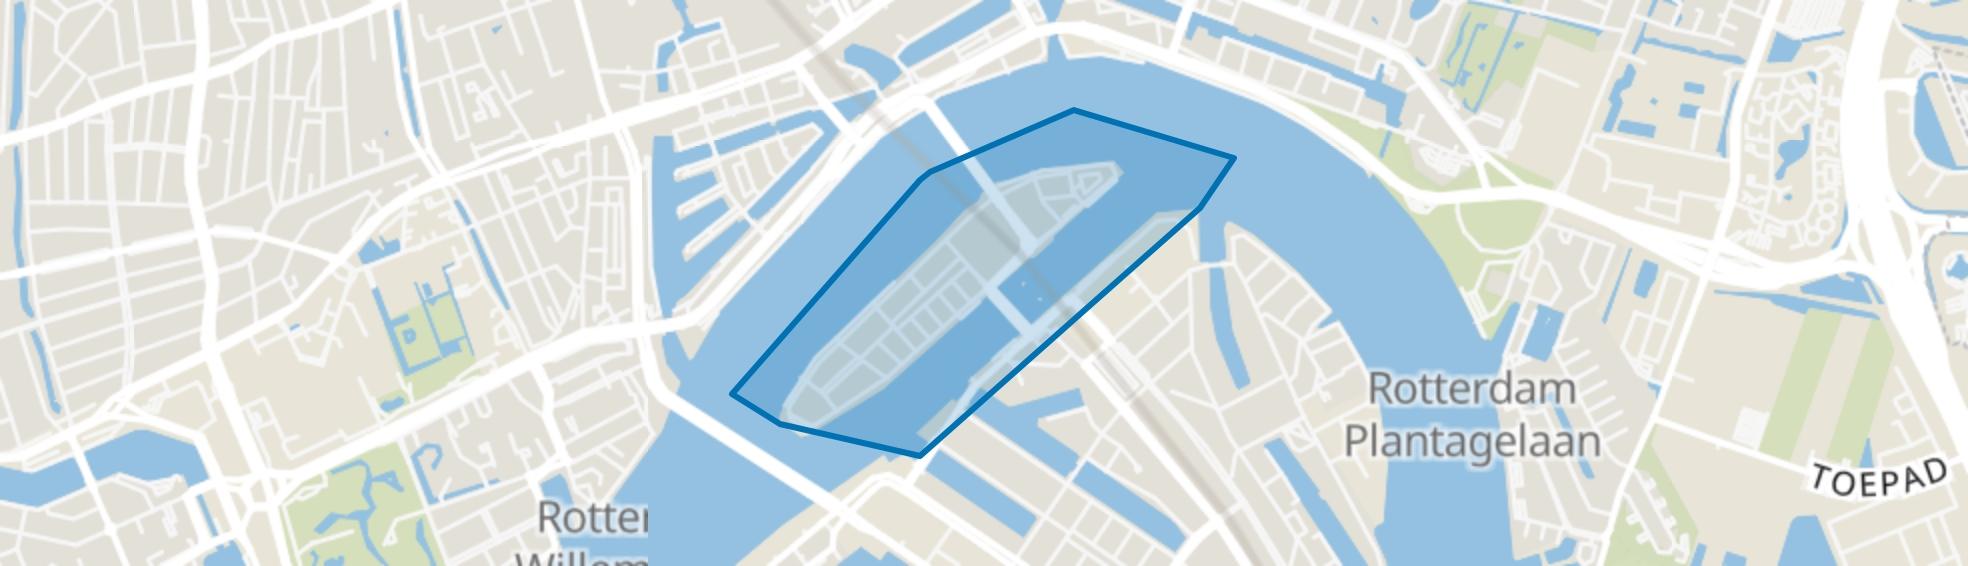 Noordereiland, Rotterdam map